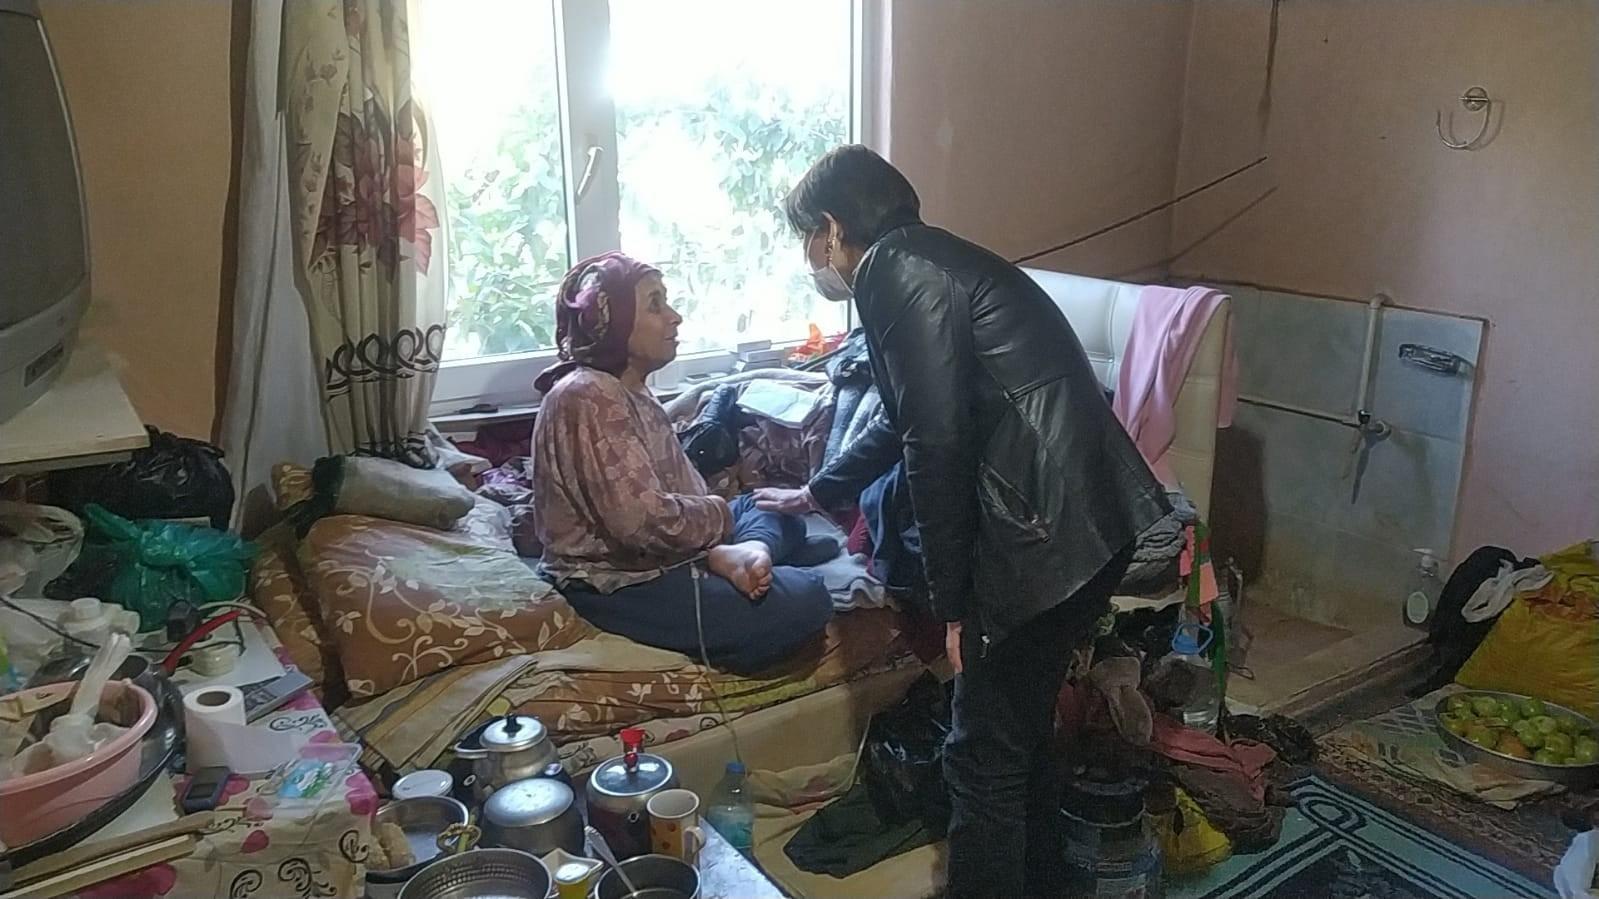 Bu ilçede yaşlı ve bakıma muhtaç vatandaşlar yalnız bırakılmıyor #corum